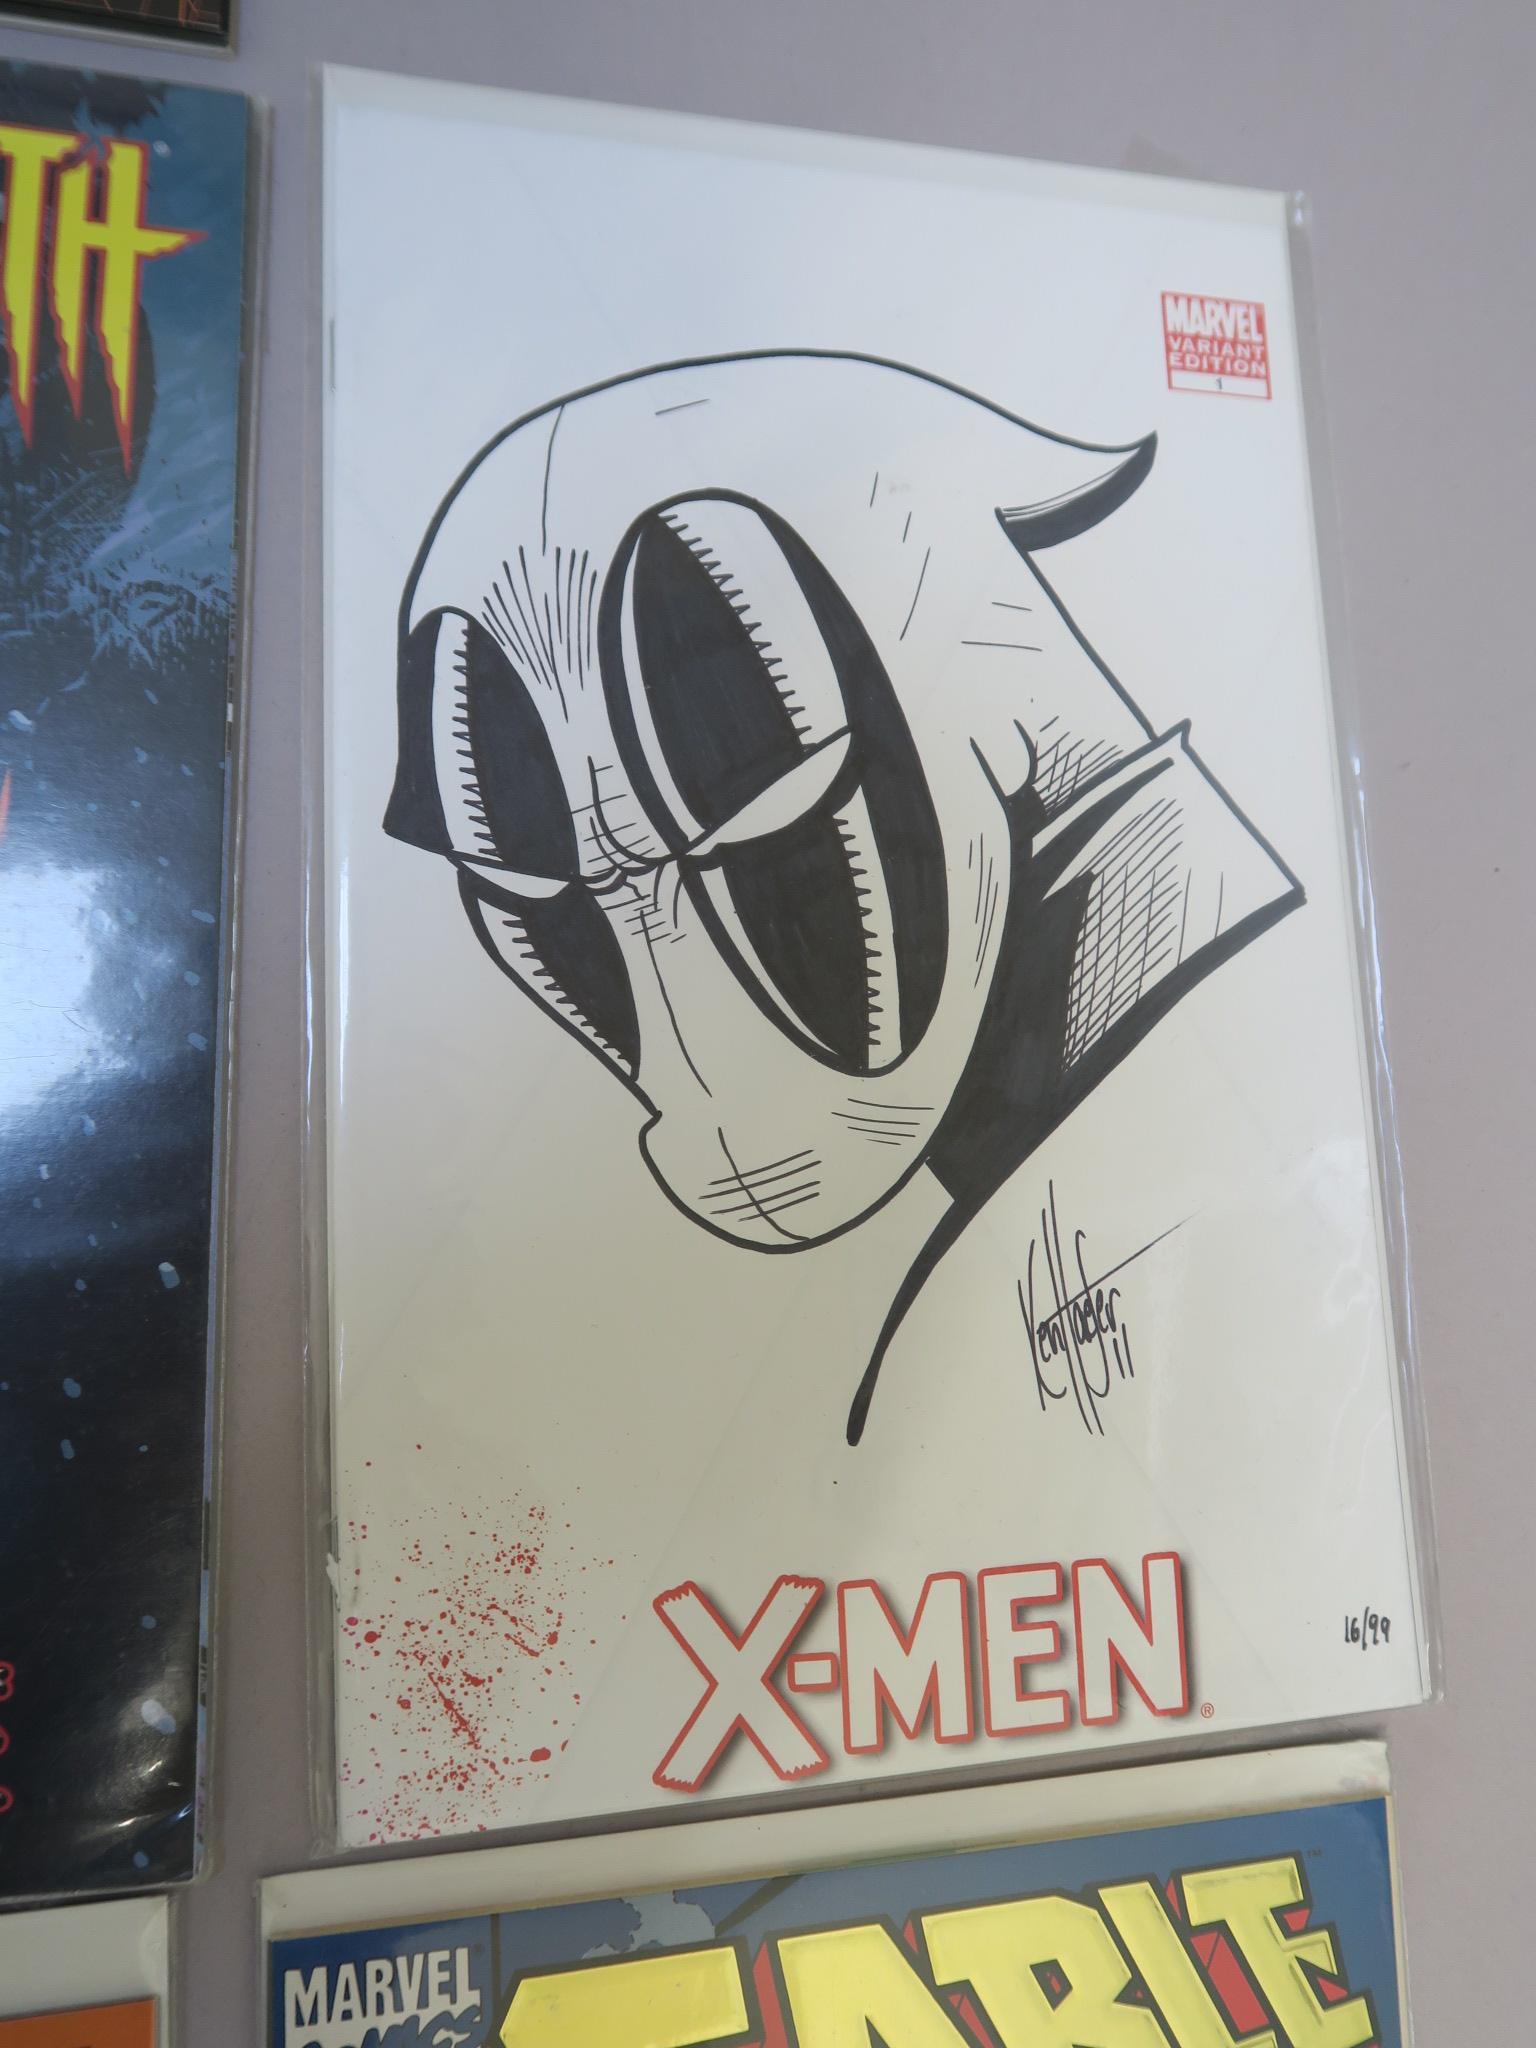 Lot 1 - Marvel X-Men signed comics including X-Men #2 signed by Chris Claremont (13/25), X-Men #25 signed by